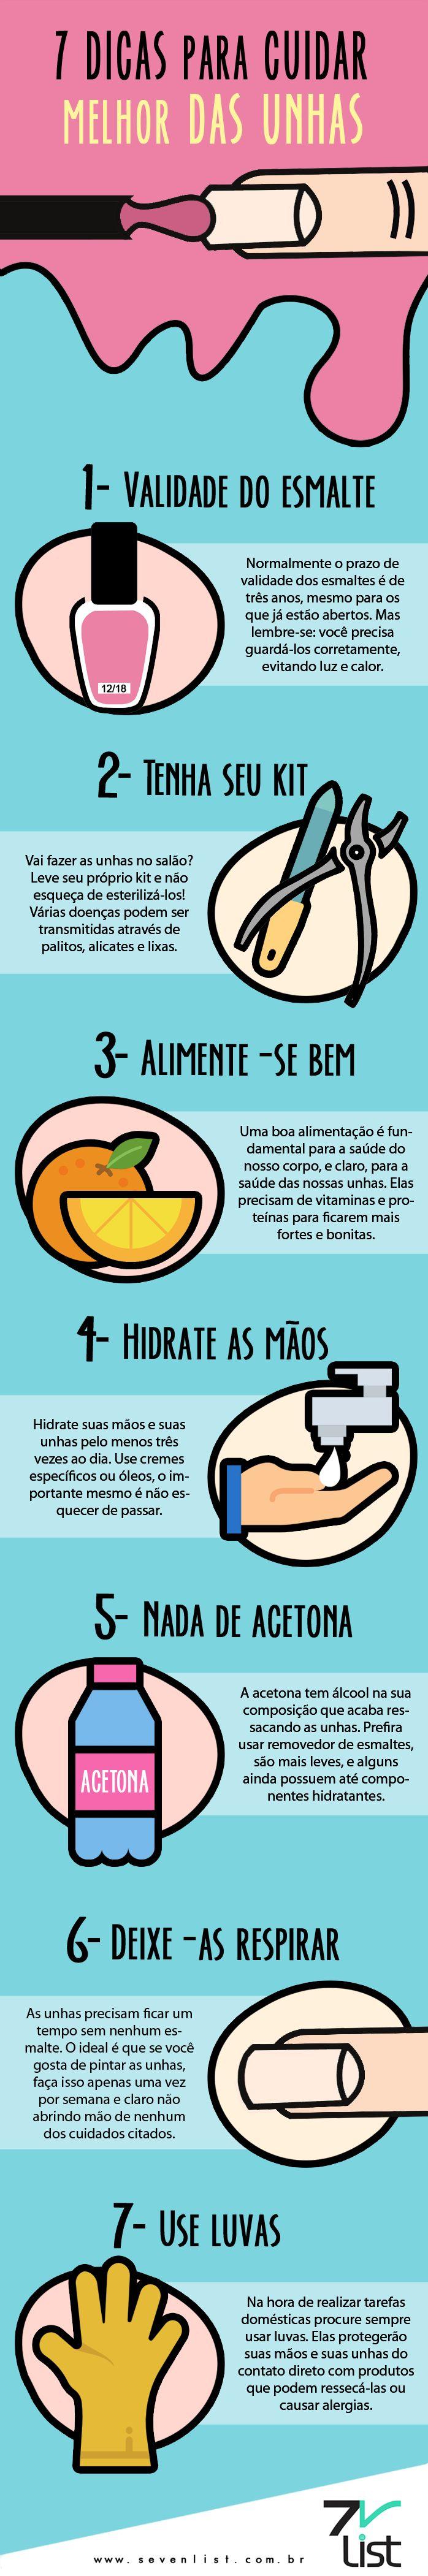 7 dicas para cuidar melhor das unhas